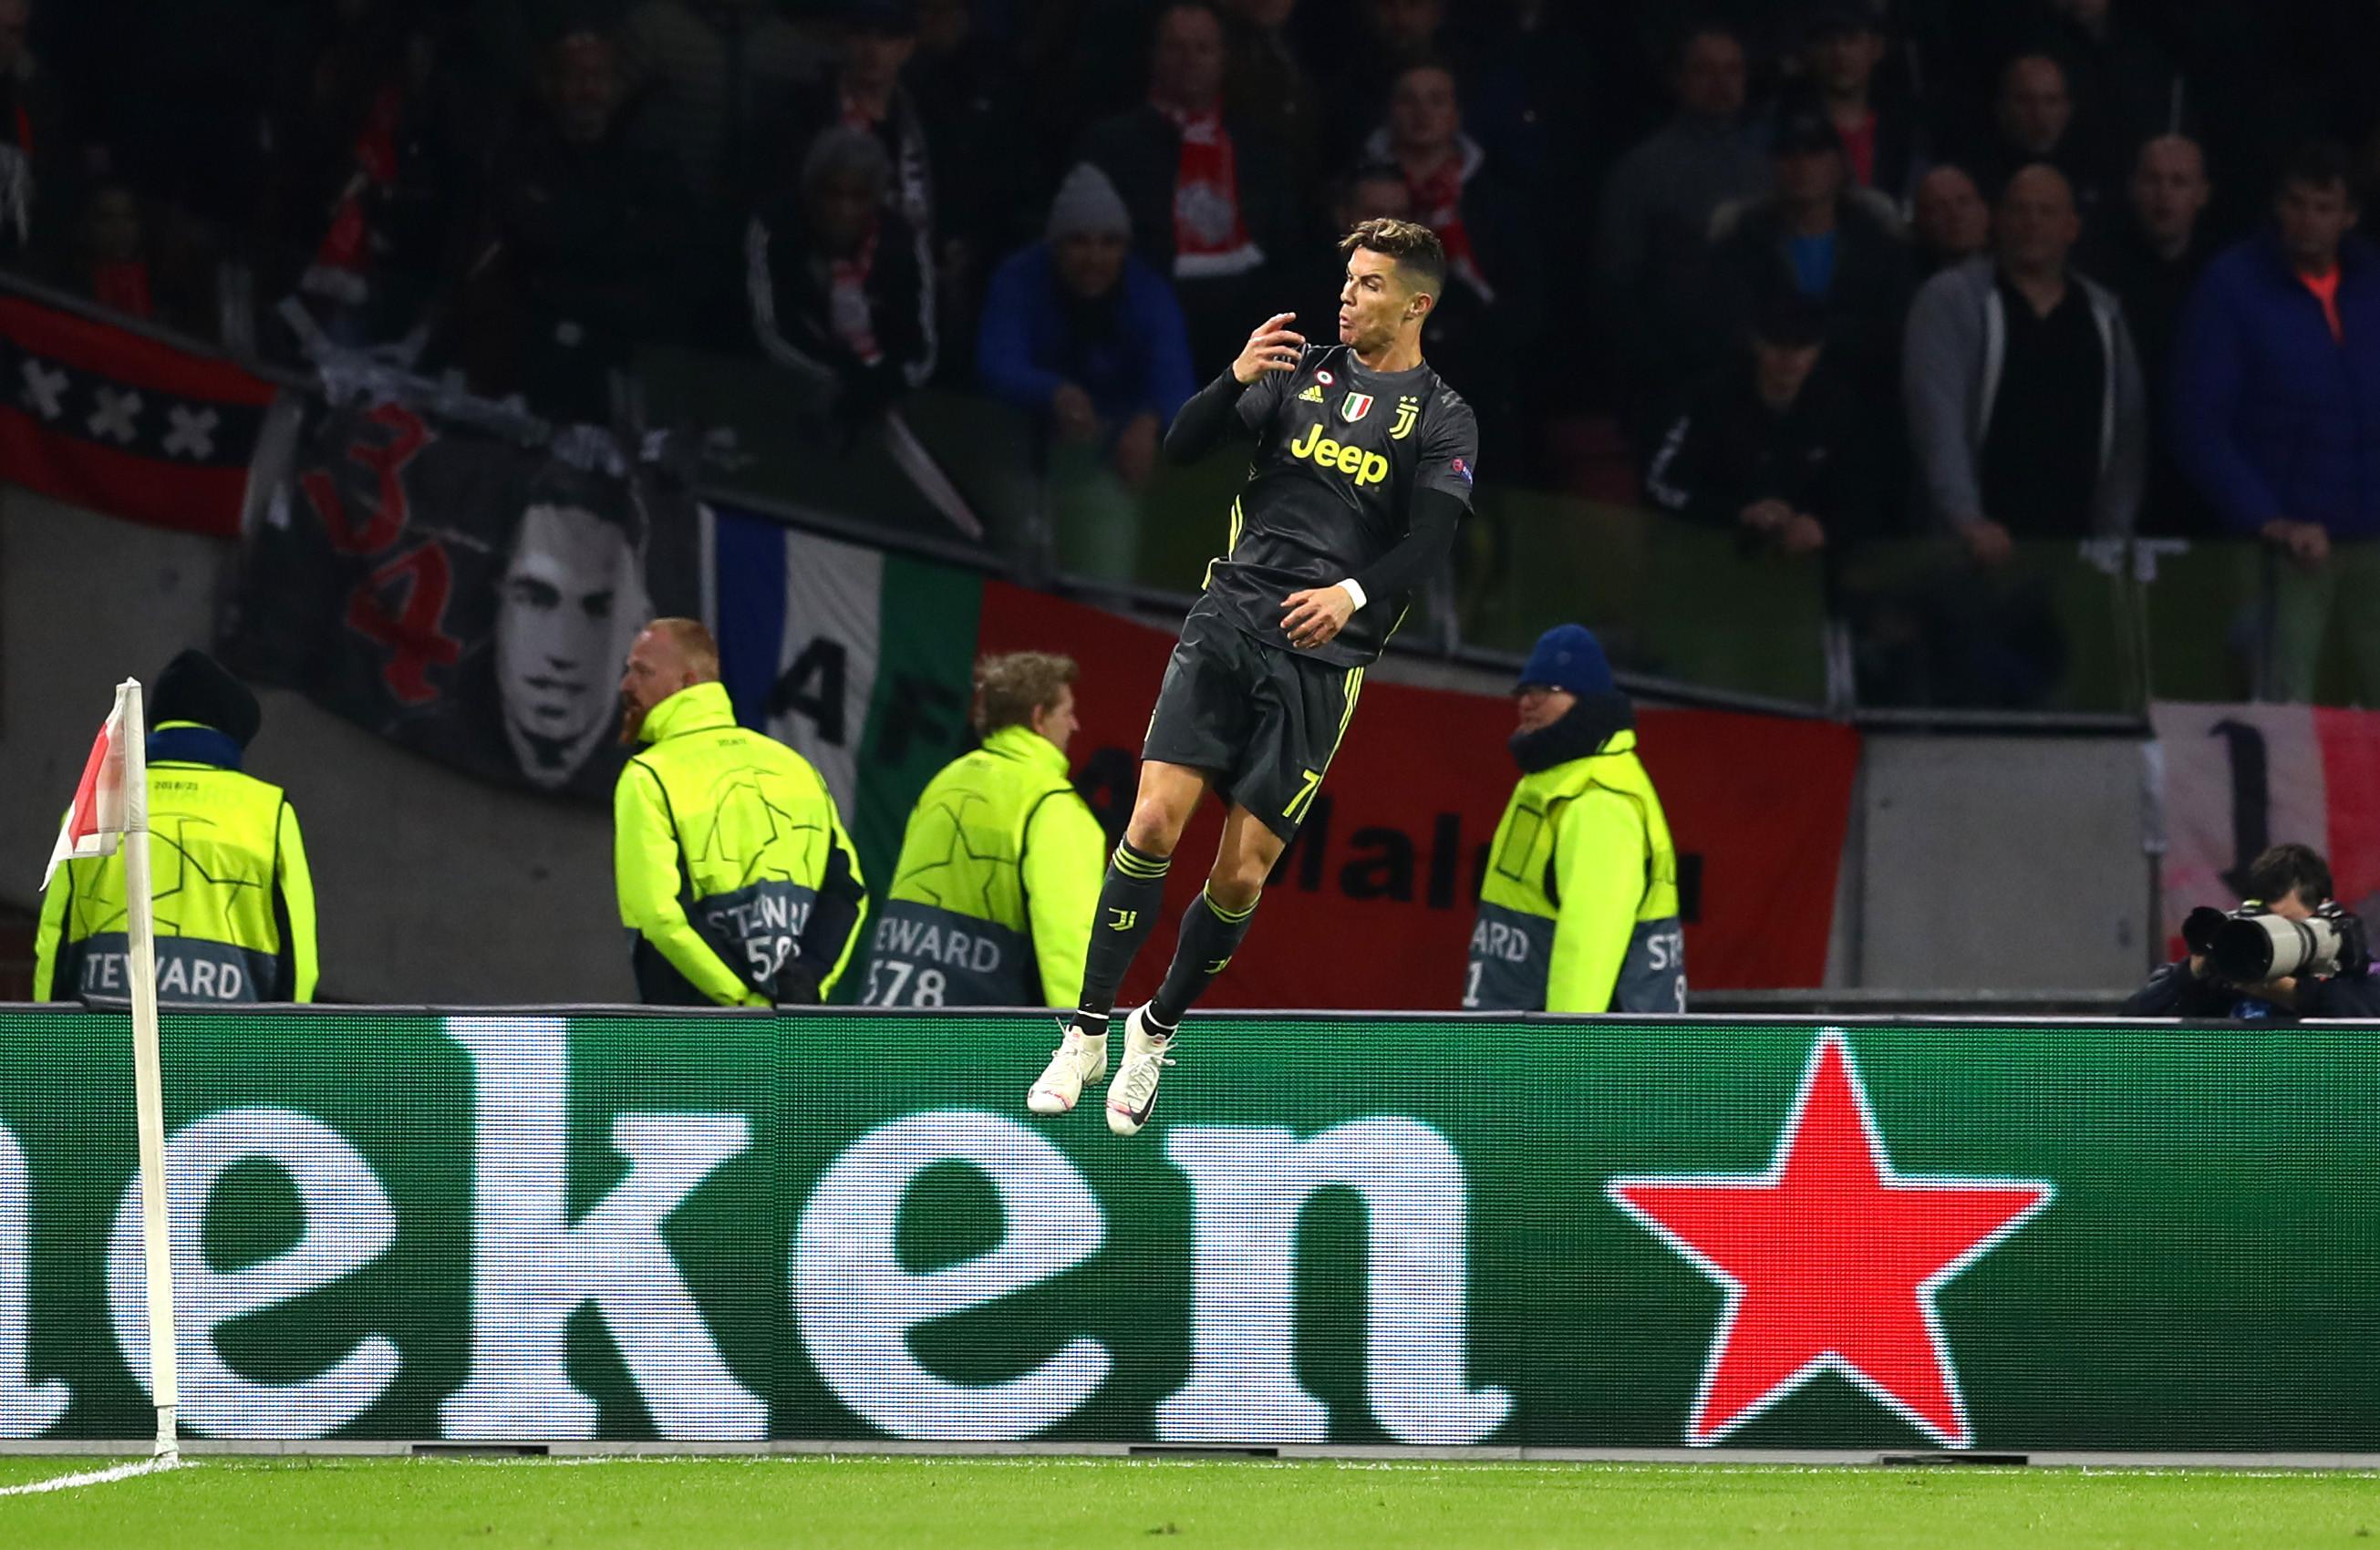 Assim foi o regresso do rei Ronaldo à sua competição preferida